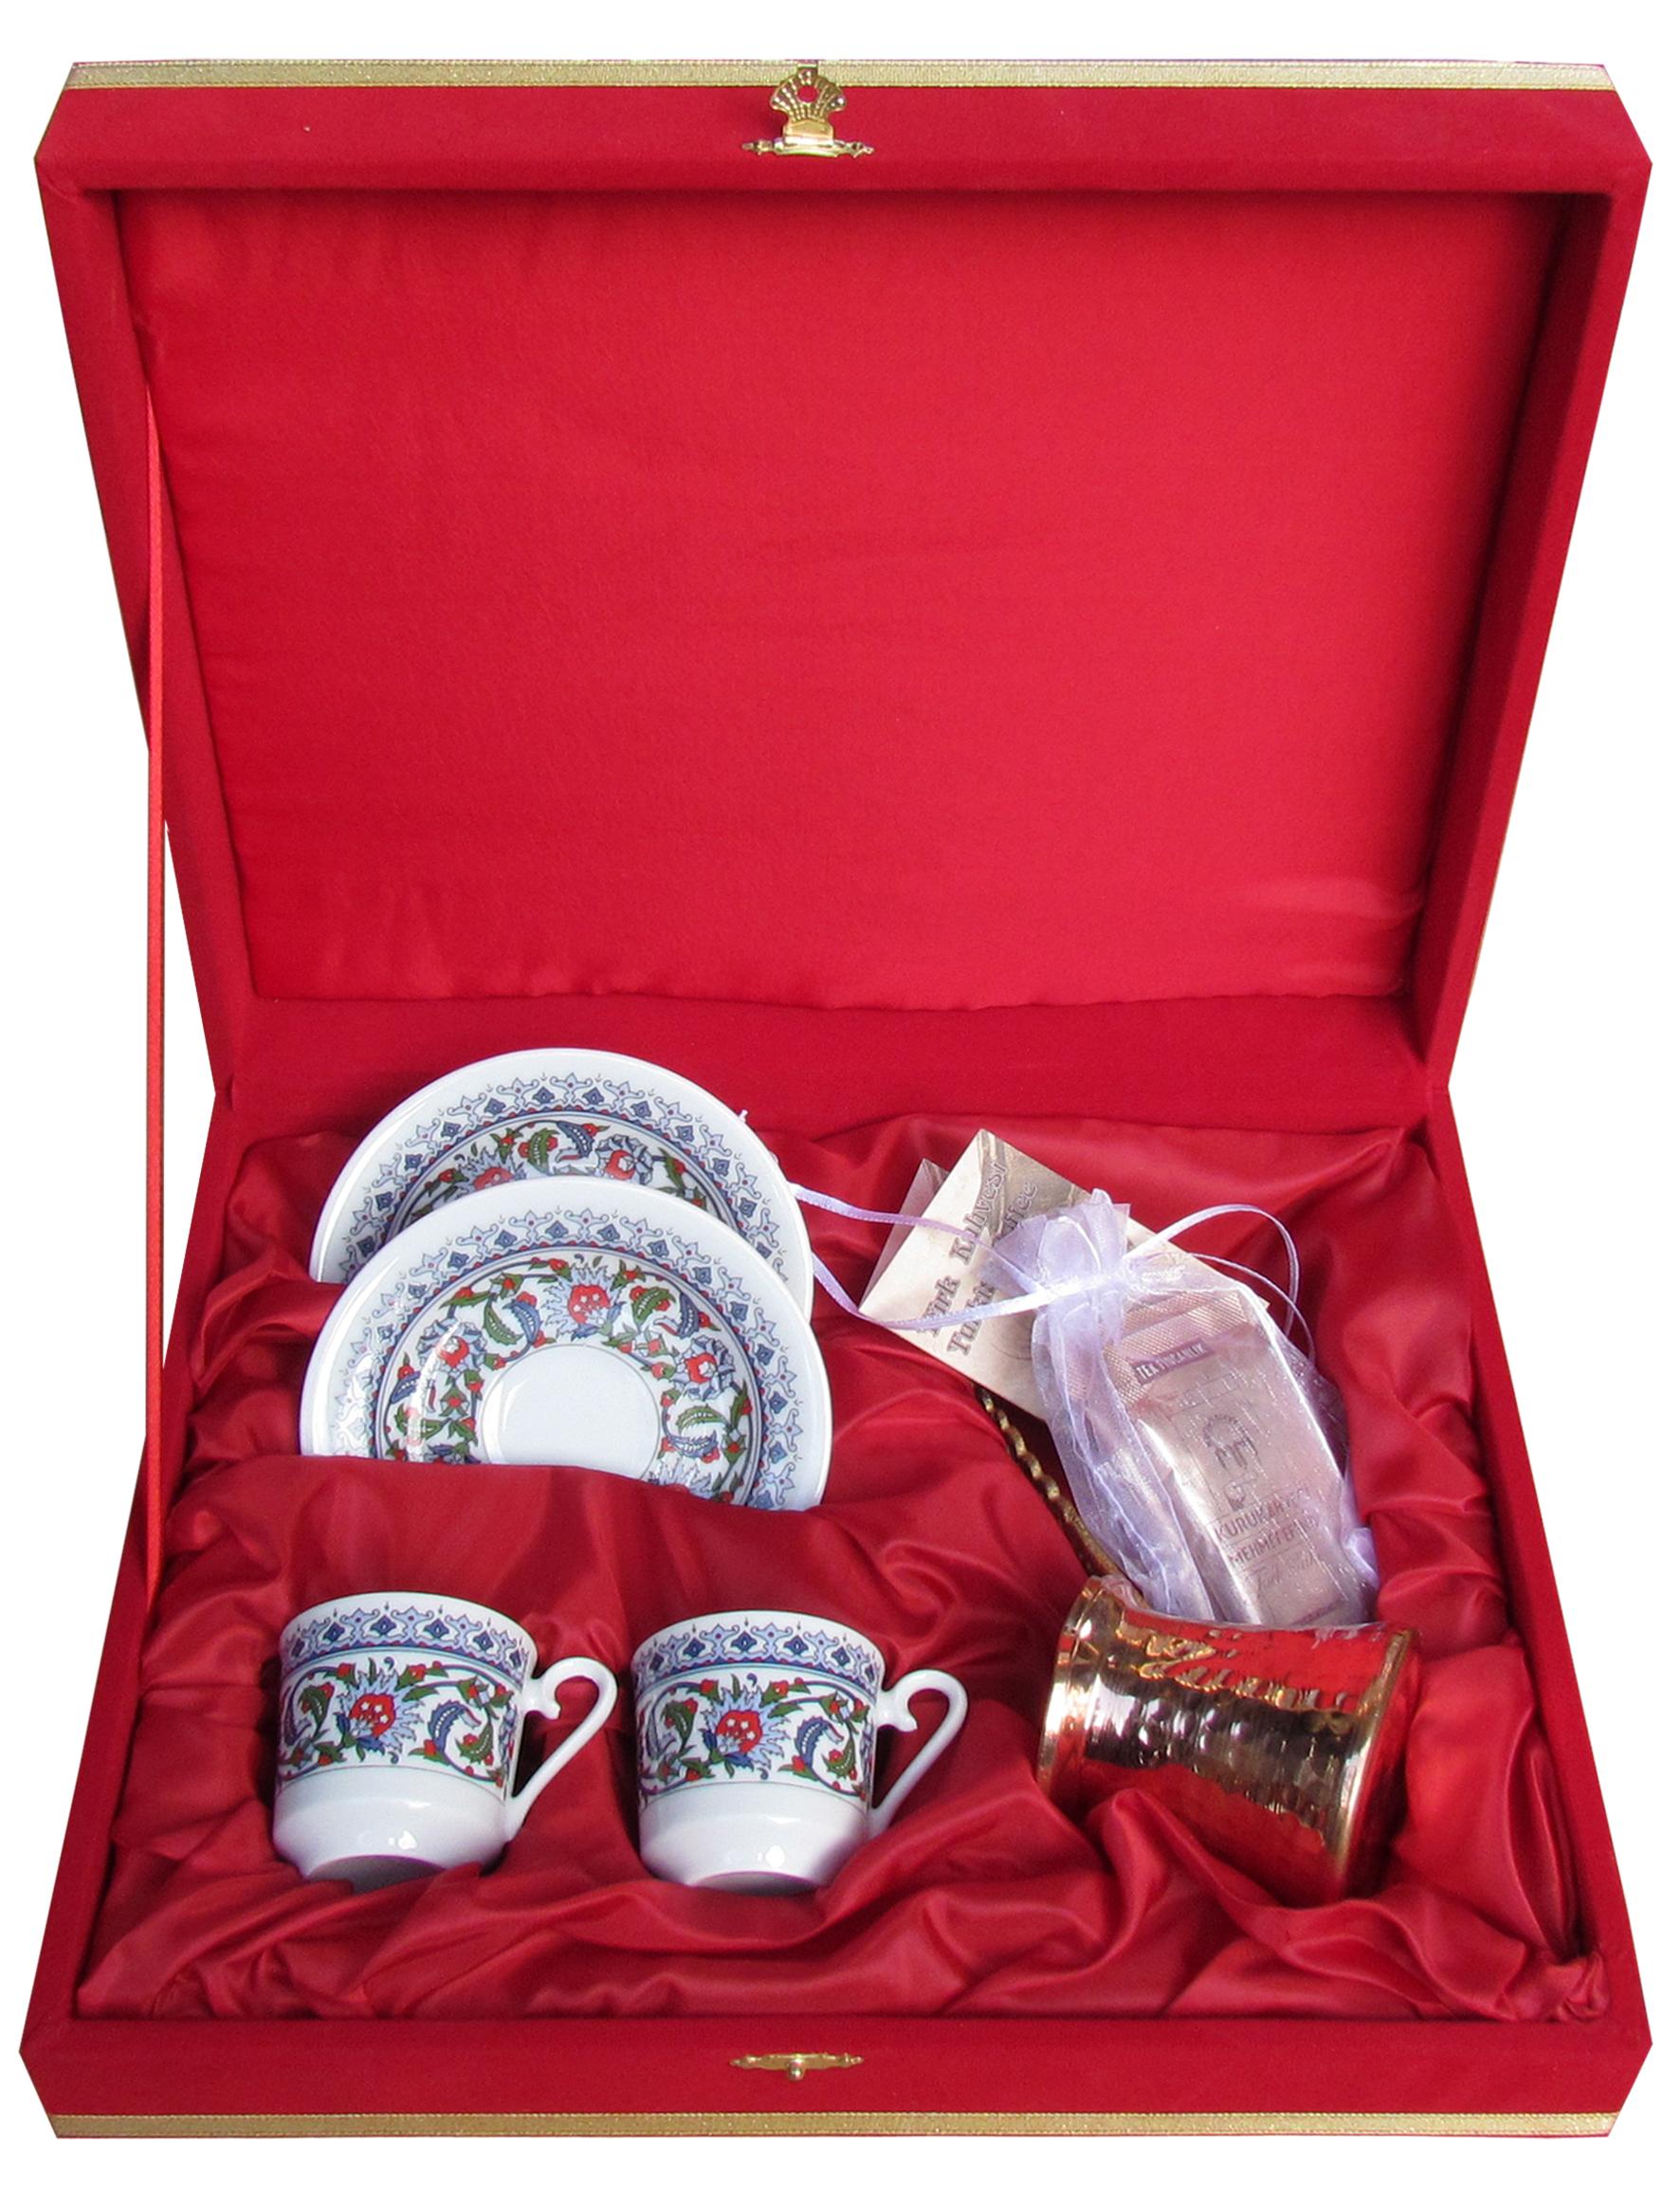 Kırmızı Kadife Kutuda Kütahya Porselen Bakır Cezveli Kahveli İkili Fincan Setleri